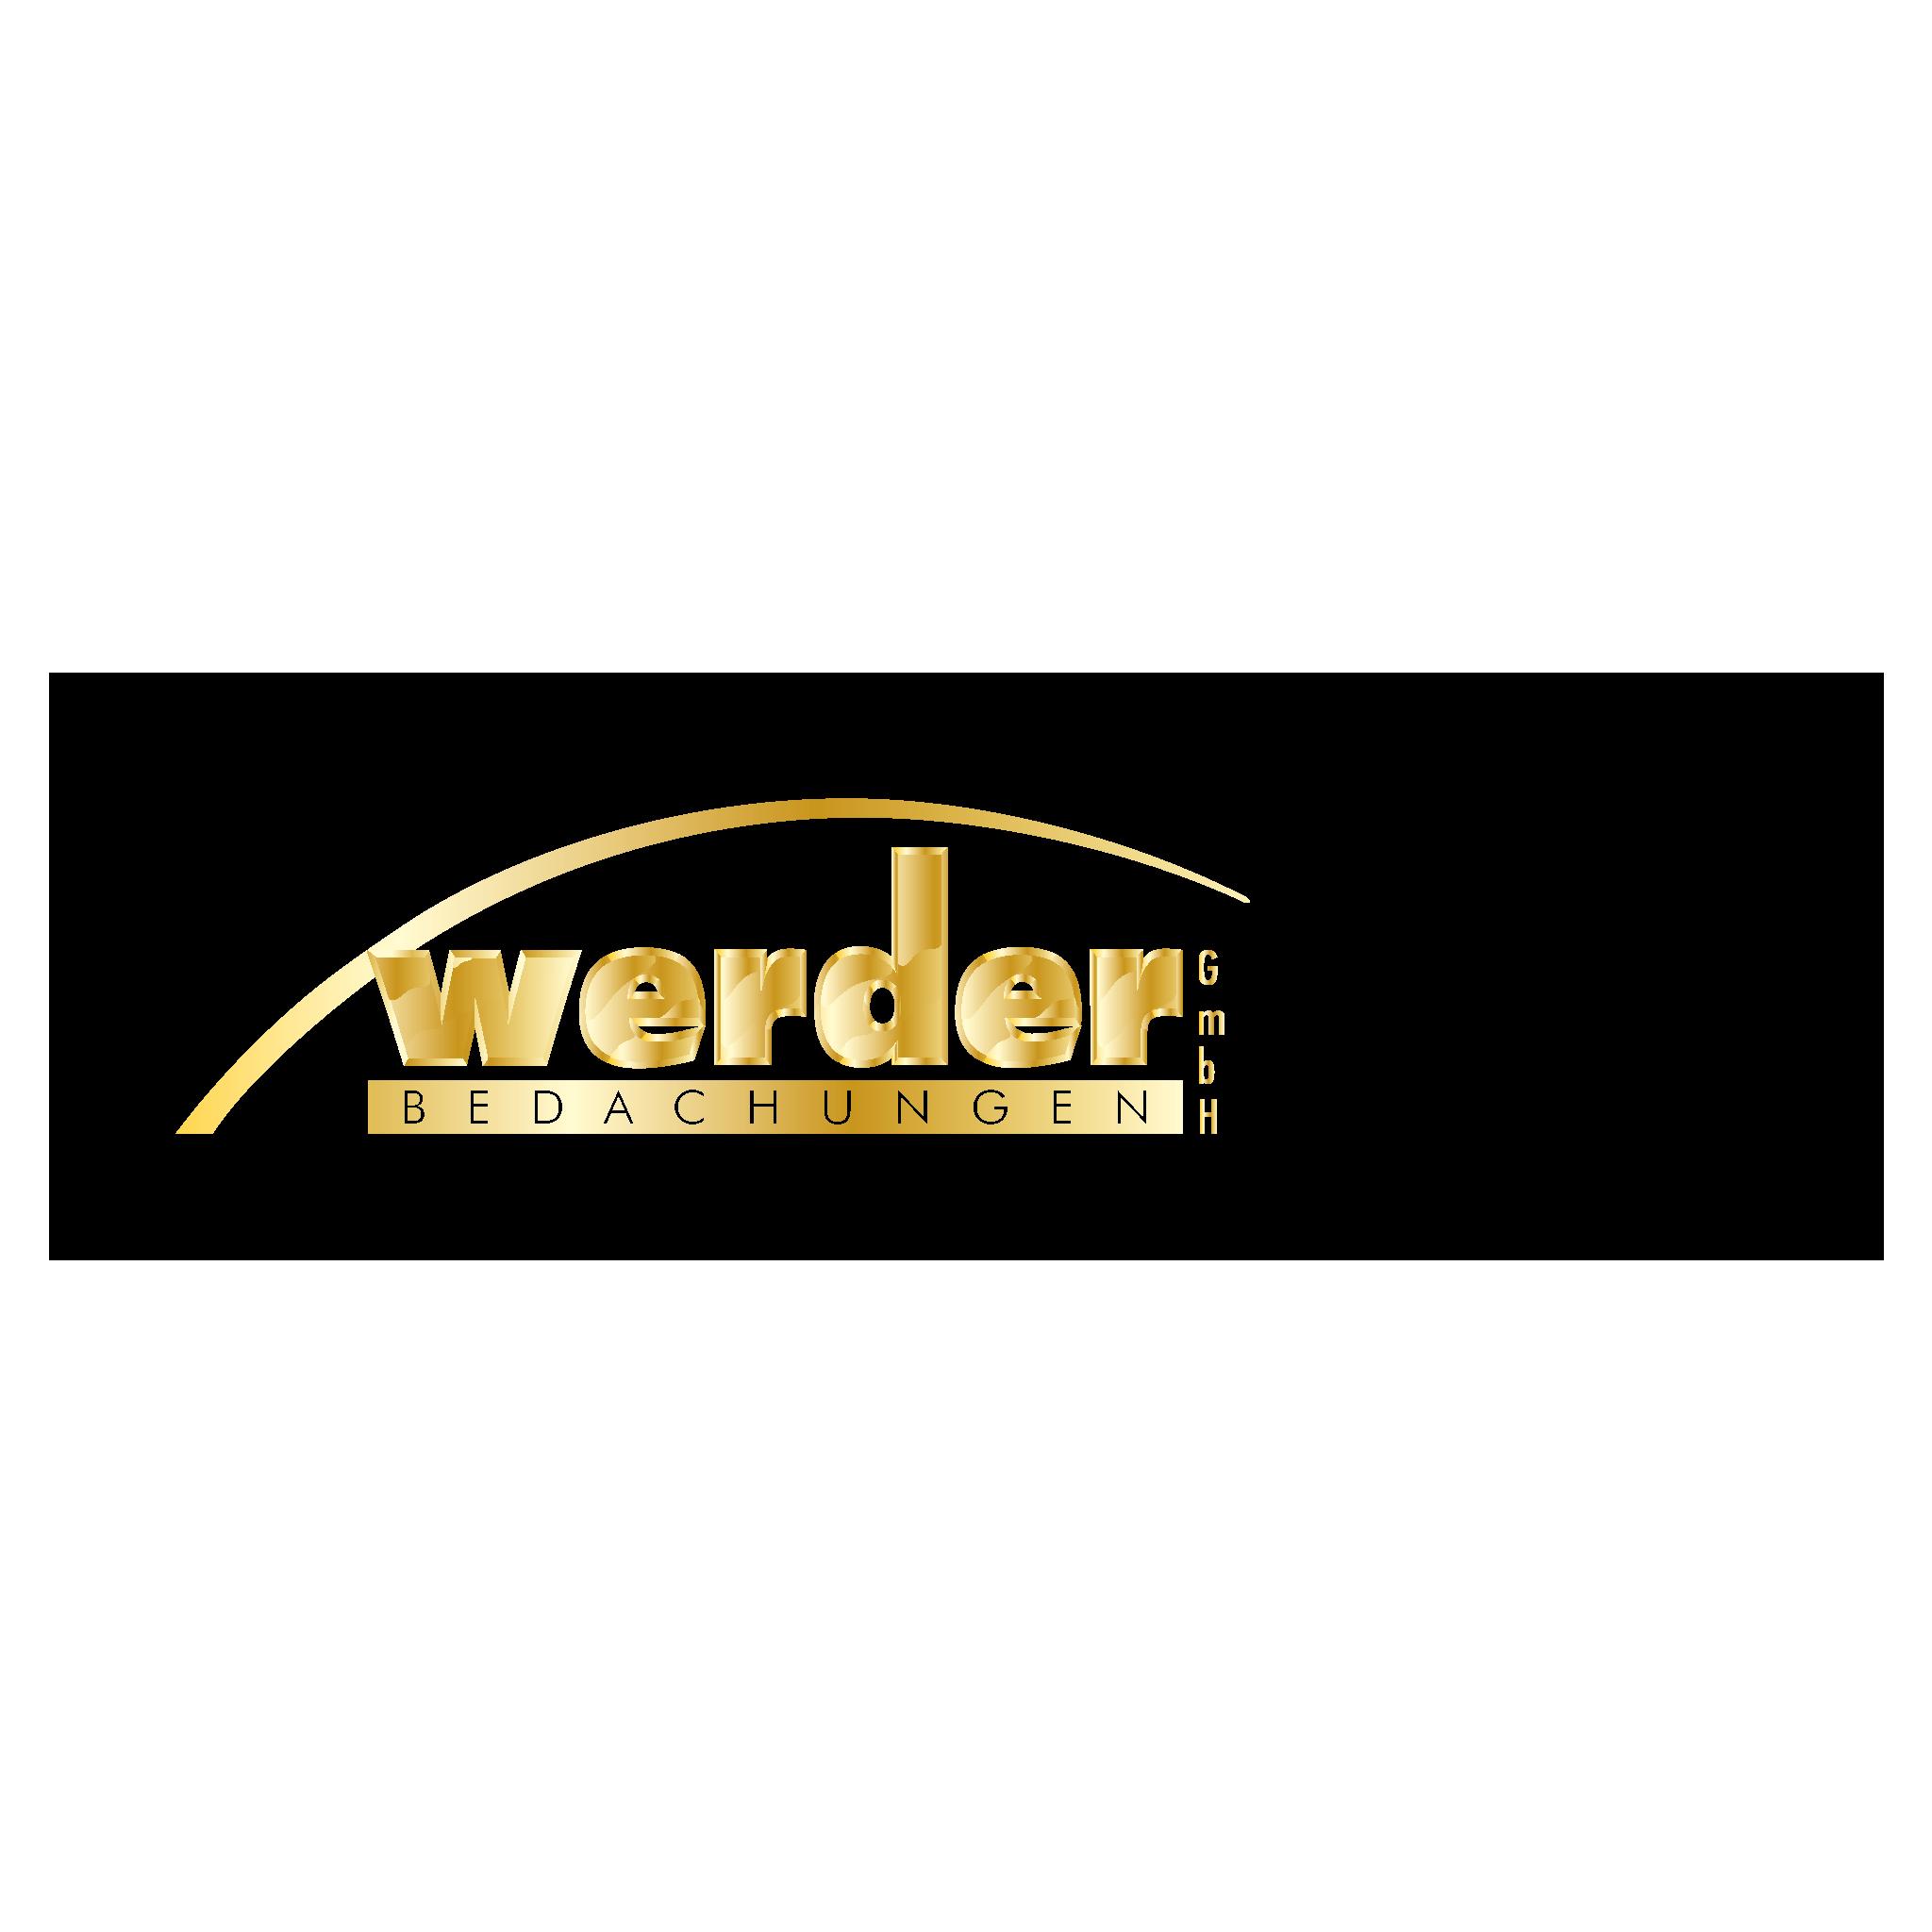 Werder Bedachungen